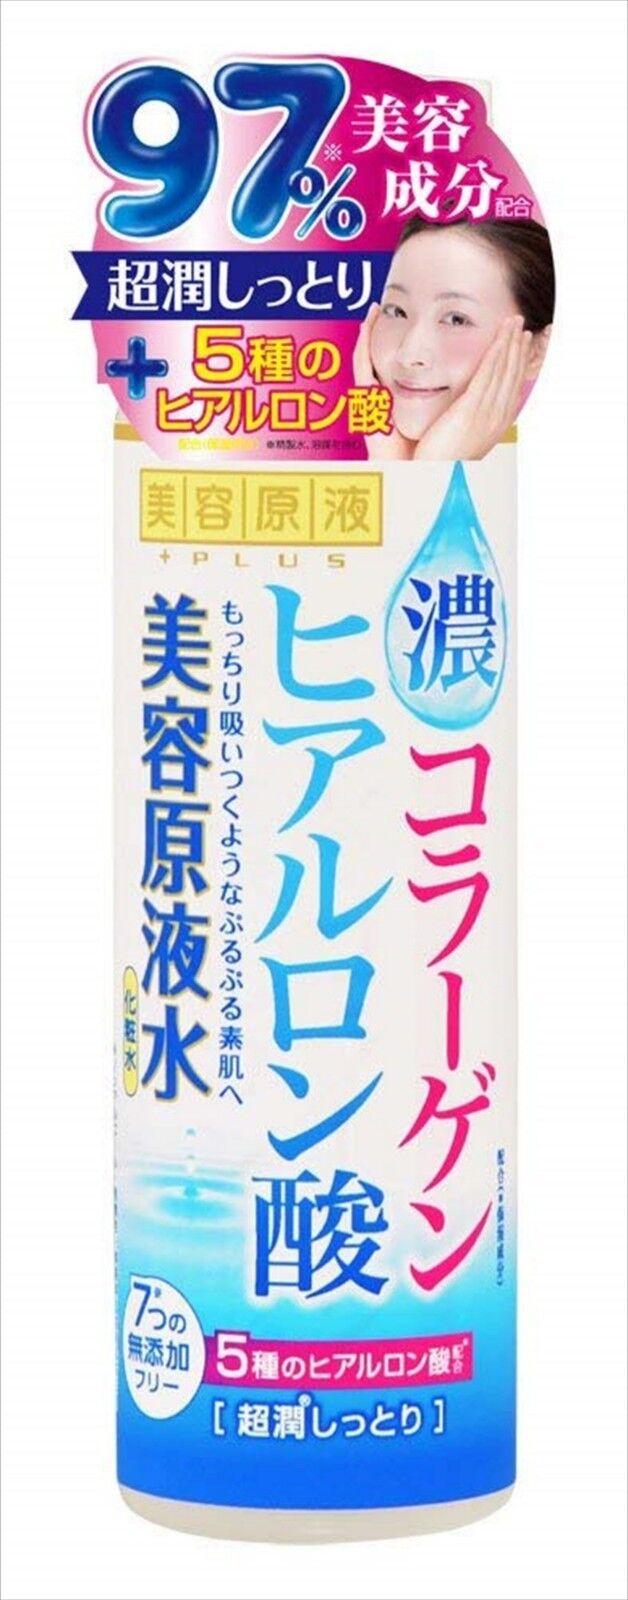 косметика roland япония купить